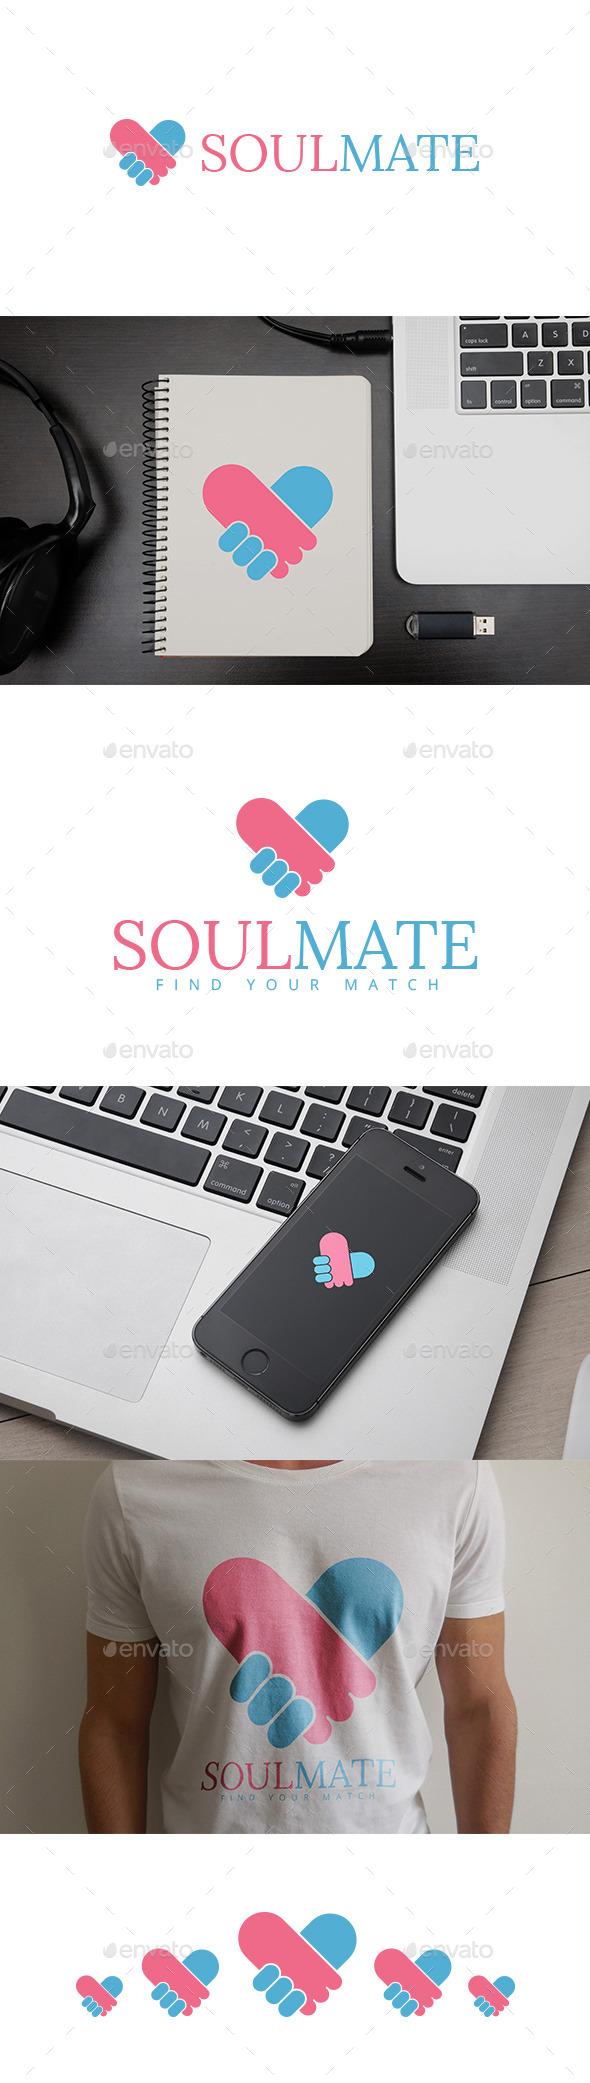 SoulMate Logo - Logo Templates